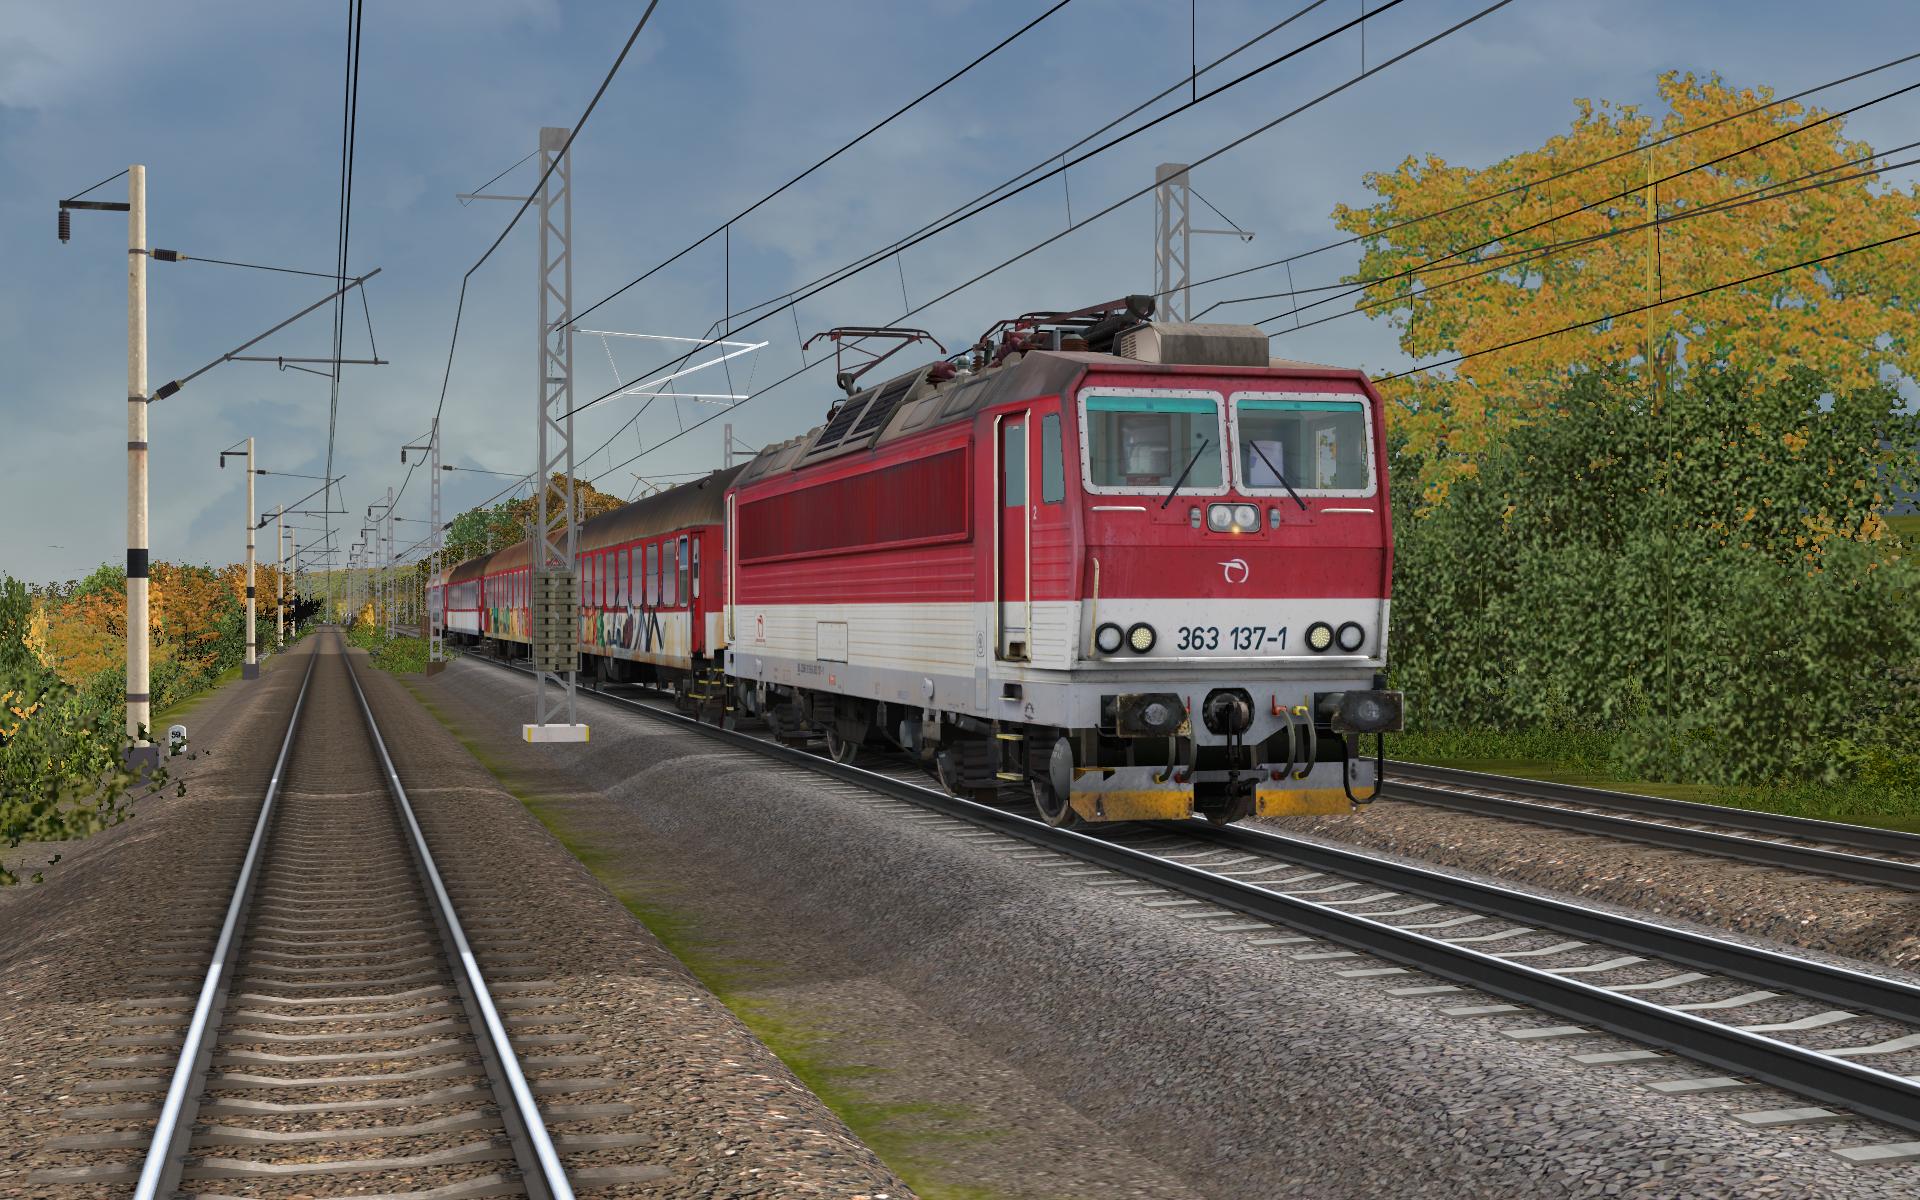 Open_Rails_2021-10-10_07-01-32.png